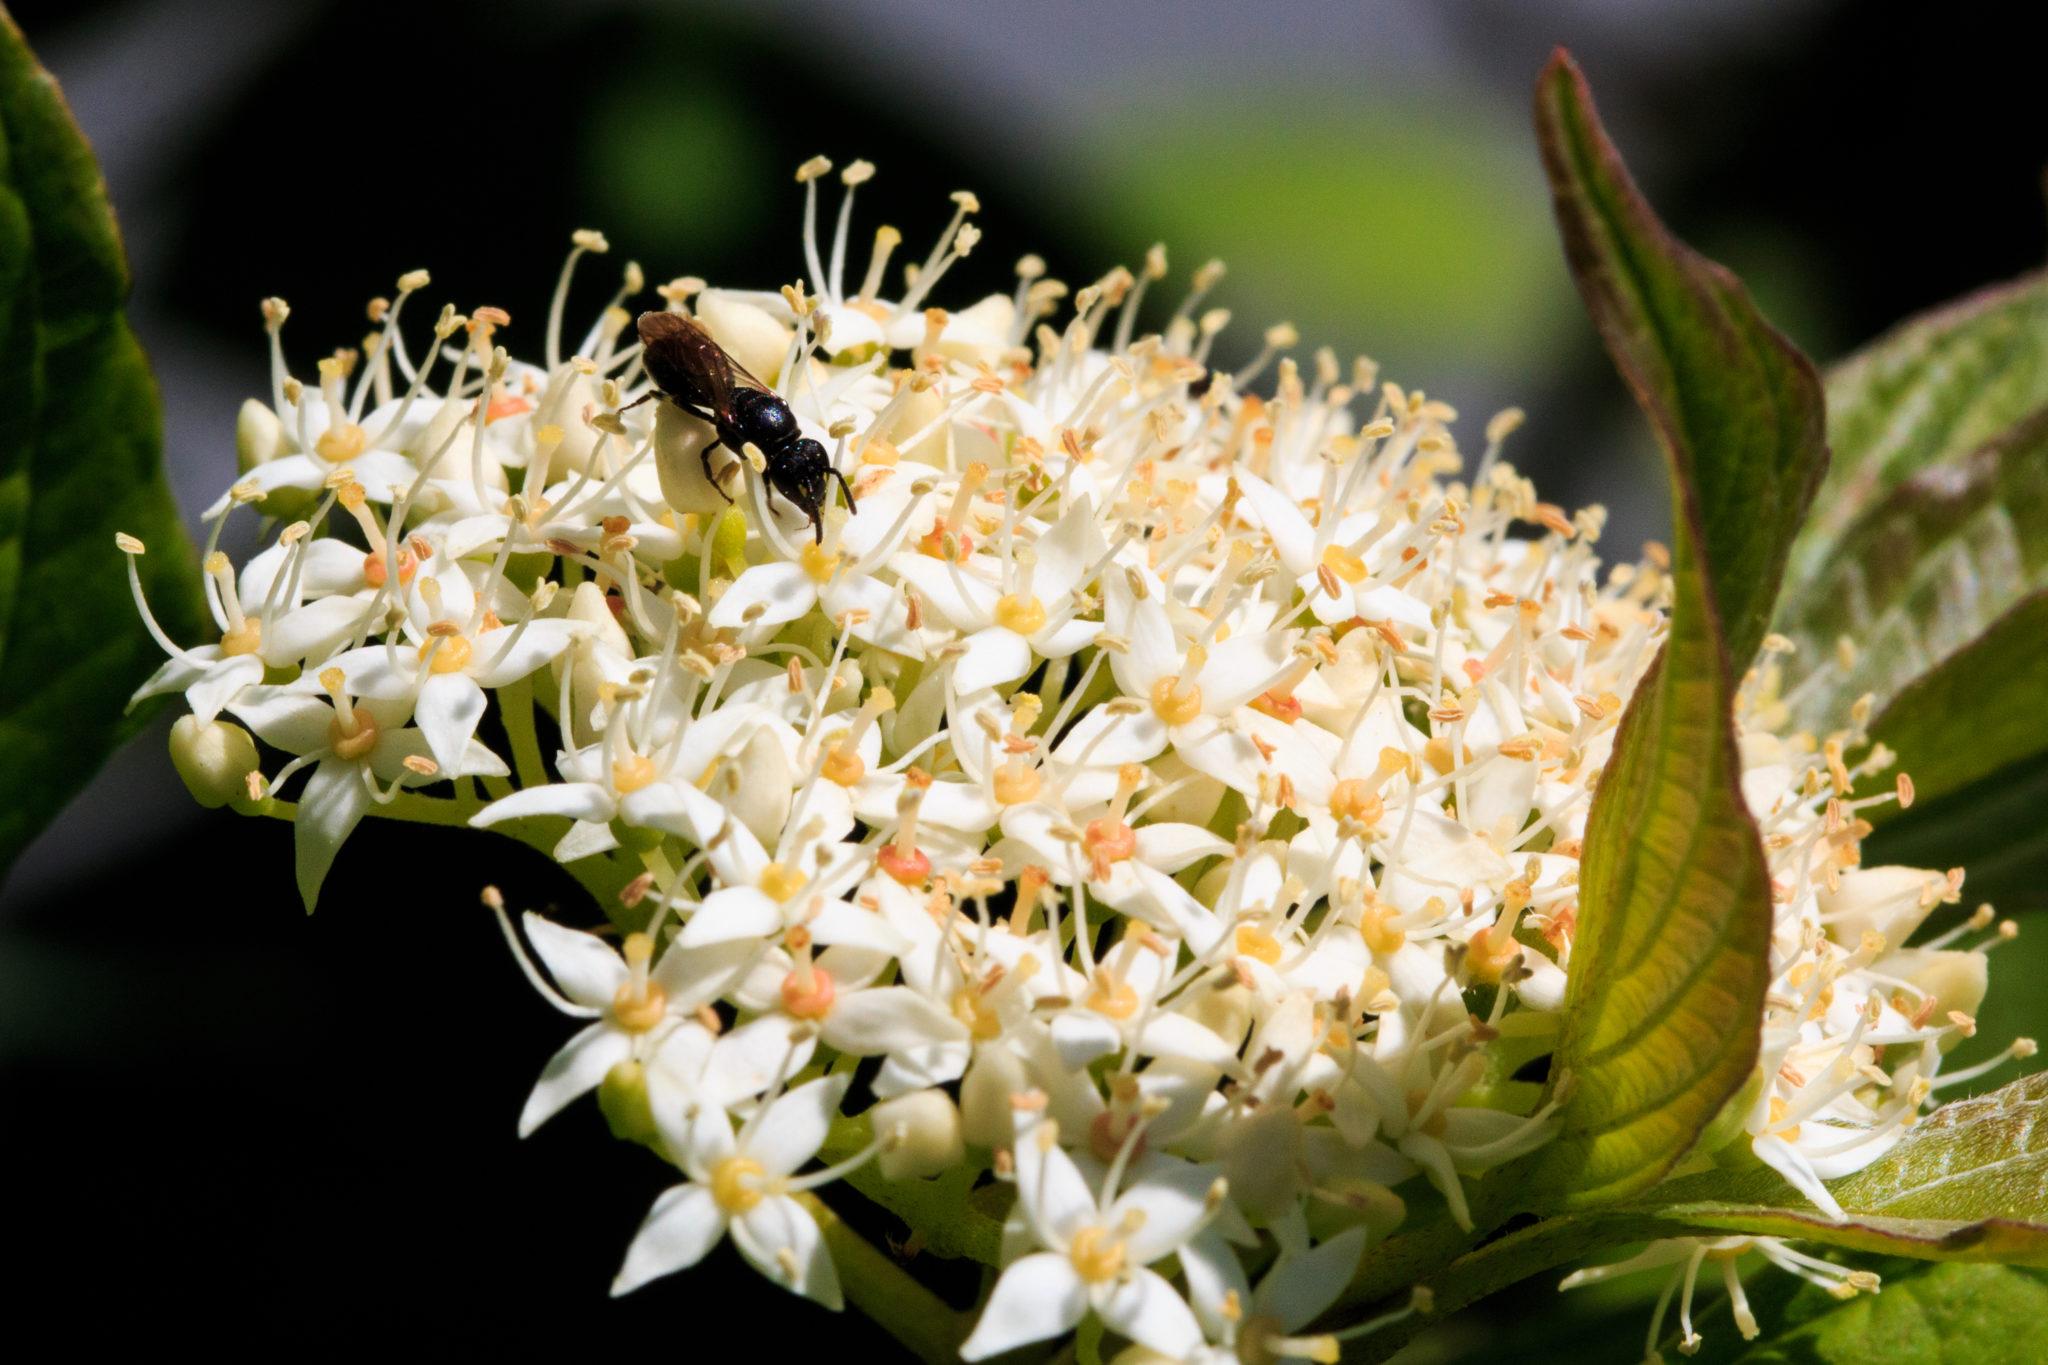 Flugameise auf Blüte